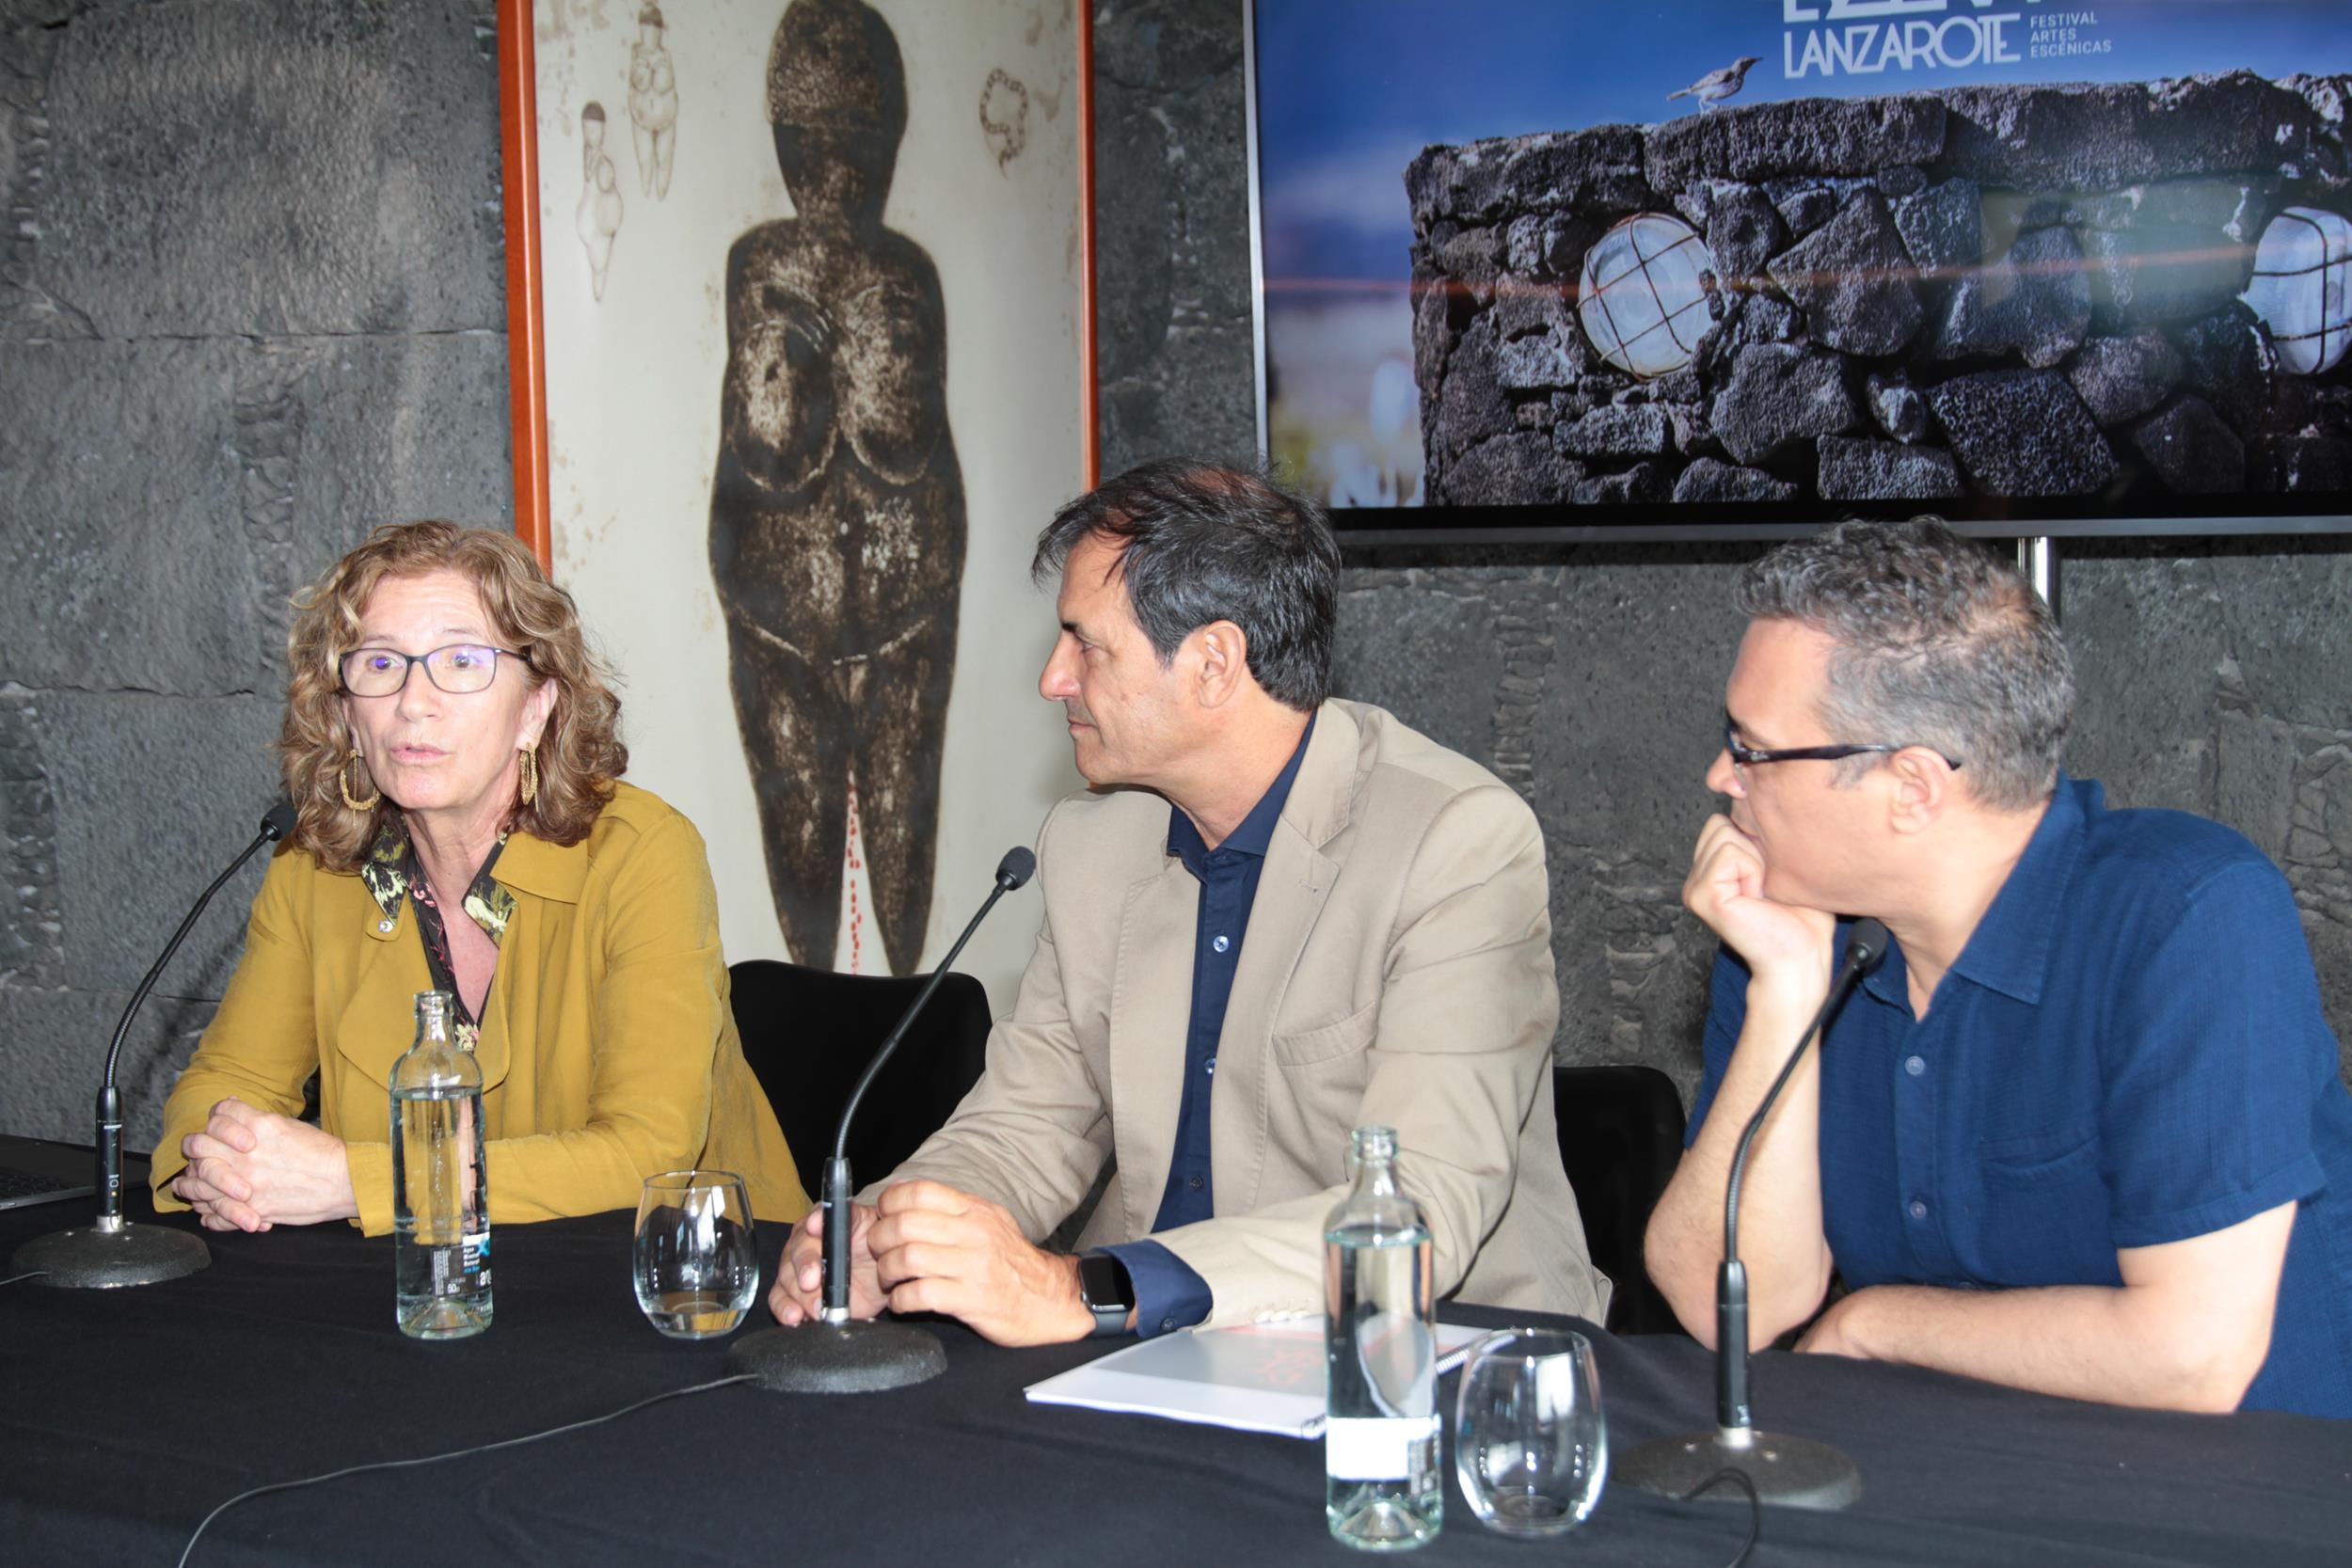 Los Centros presentan Escena Lanzarote, una fiesta de la creatividad que se celebrará en los escenarios naturales creados por César Manrique